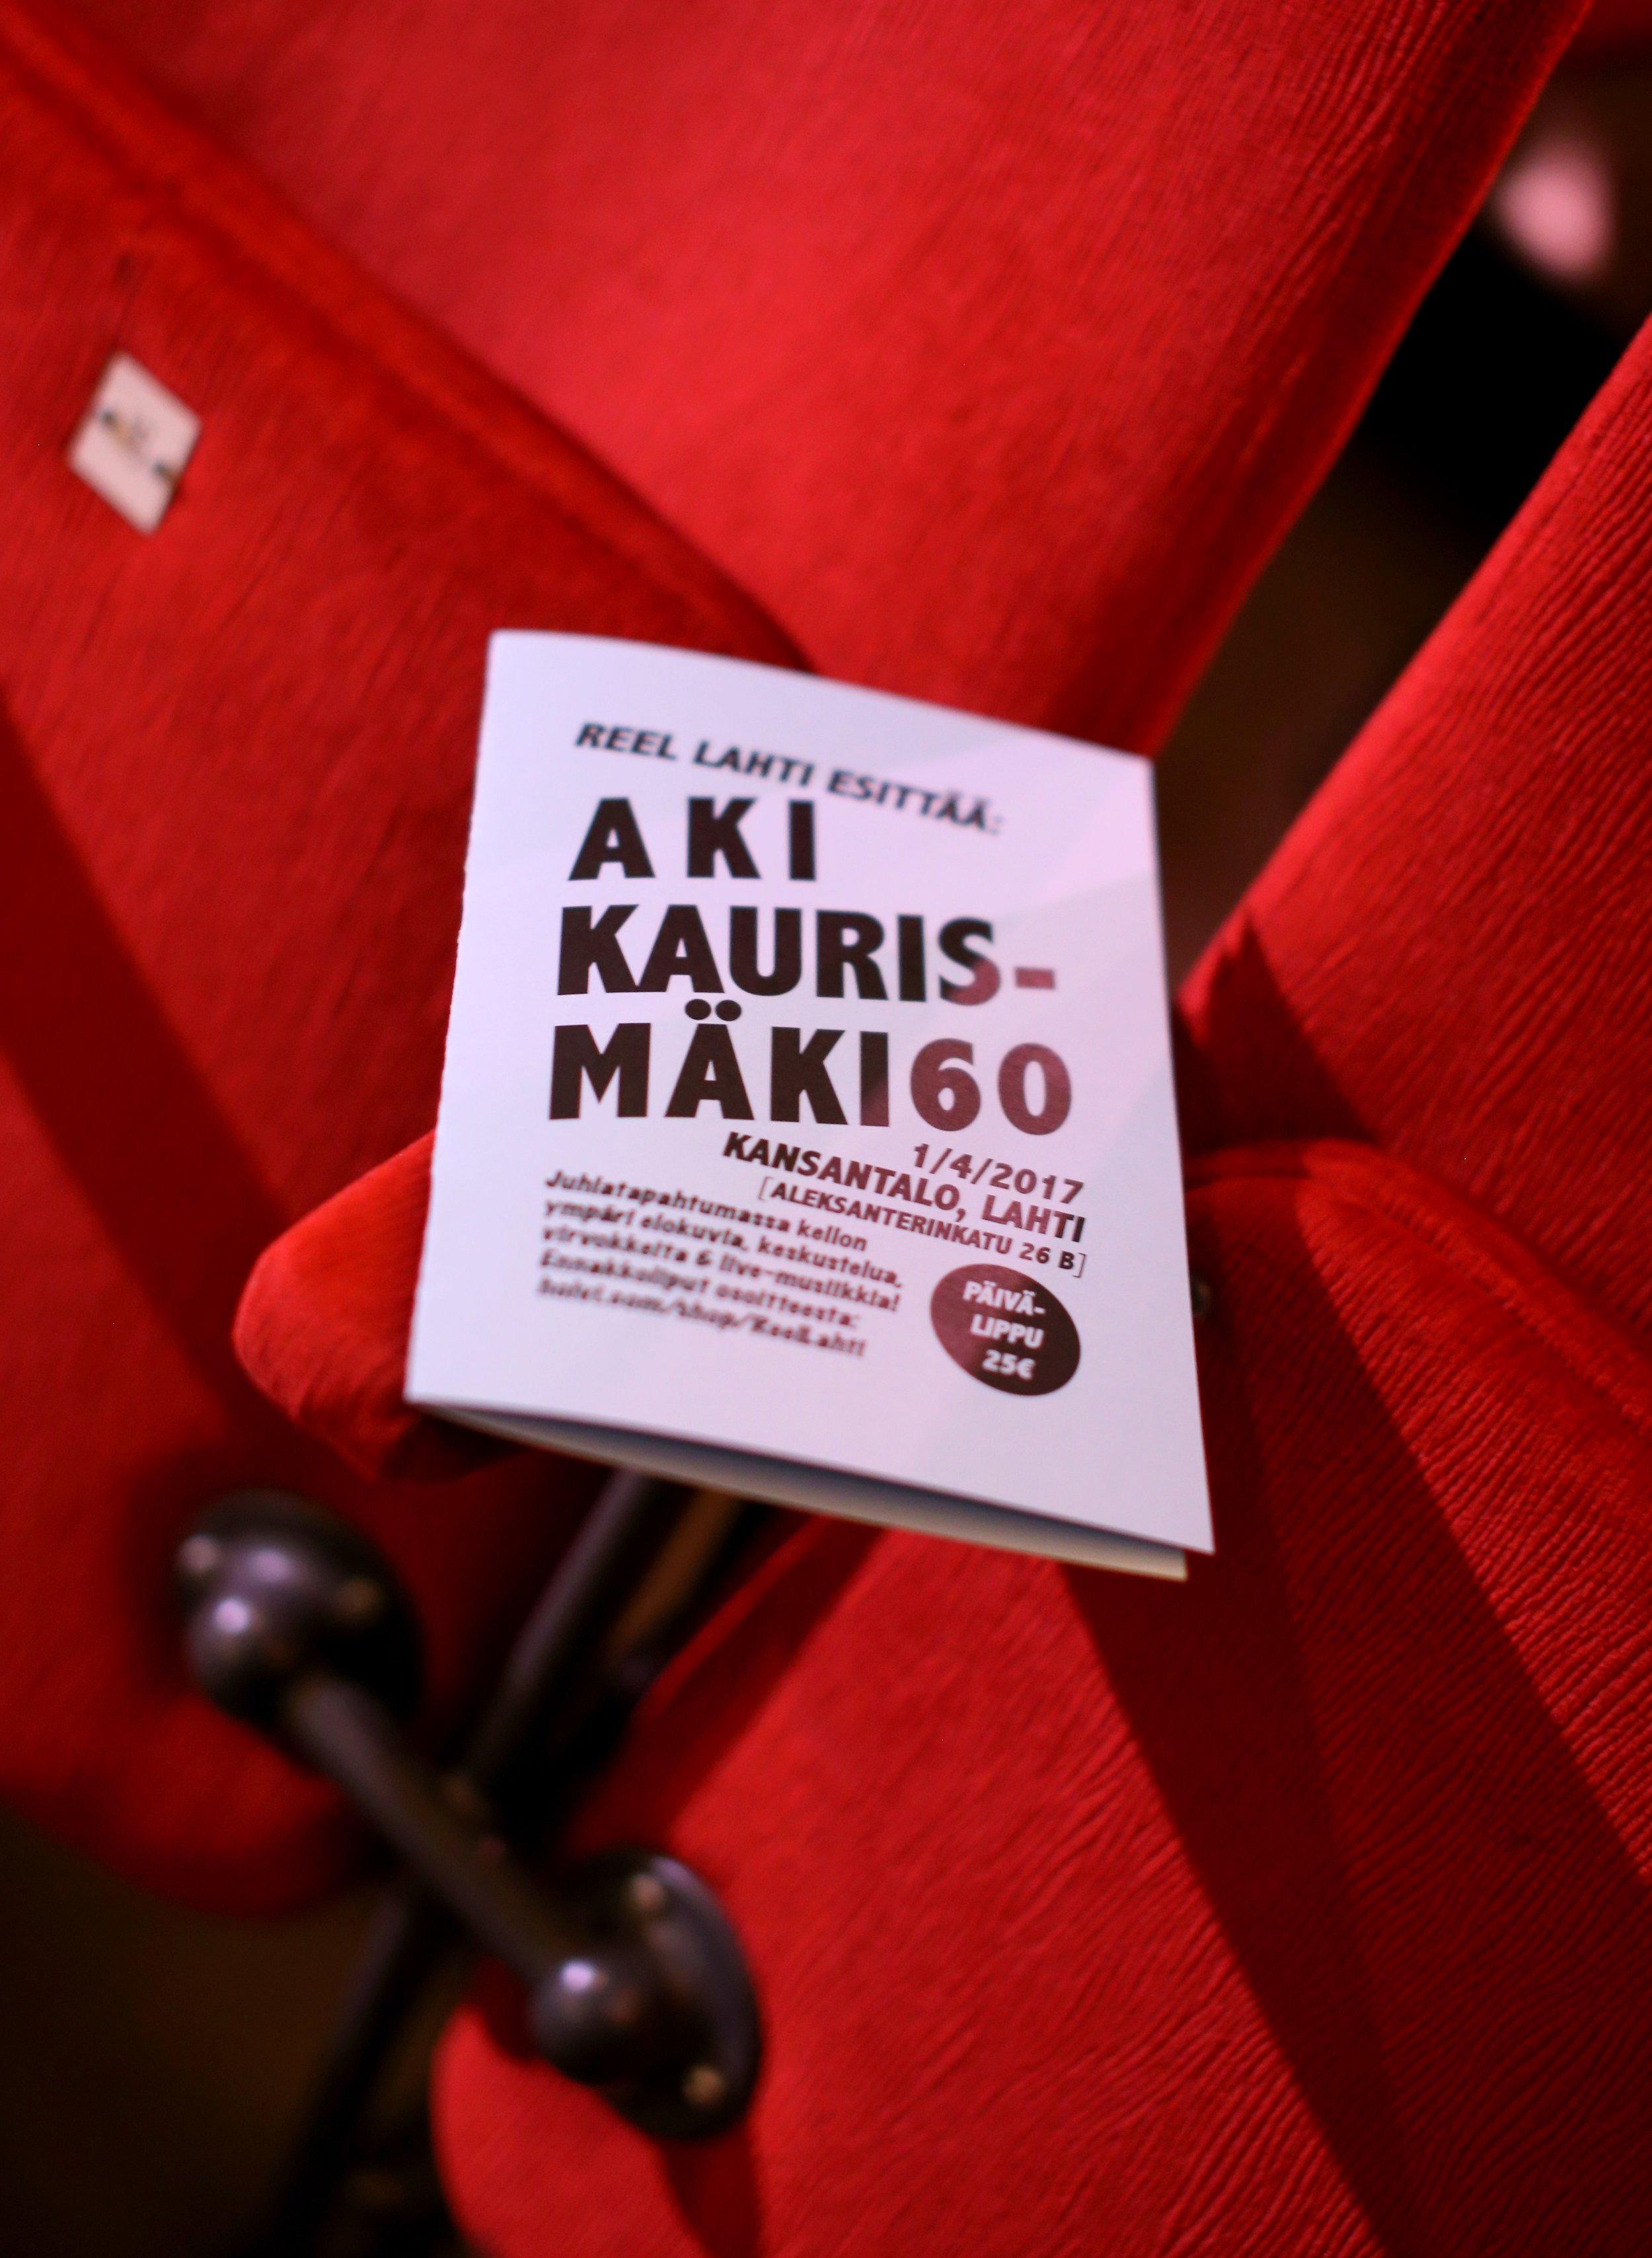 Aki Kaurismäki 60 elokuvatapahtuma.jpg